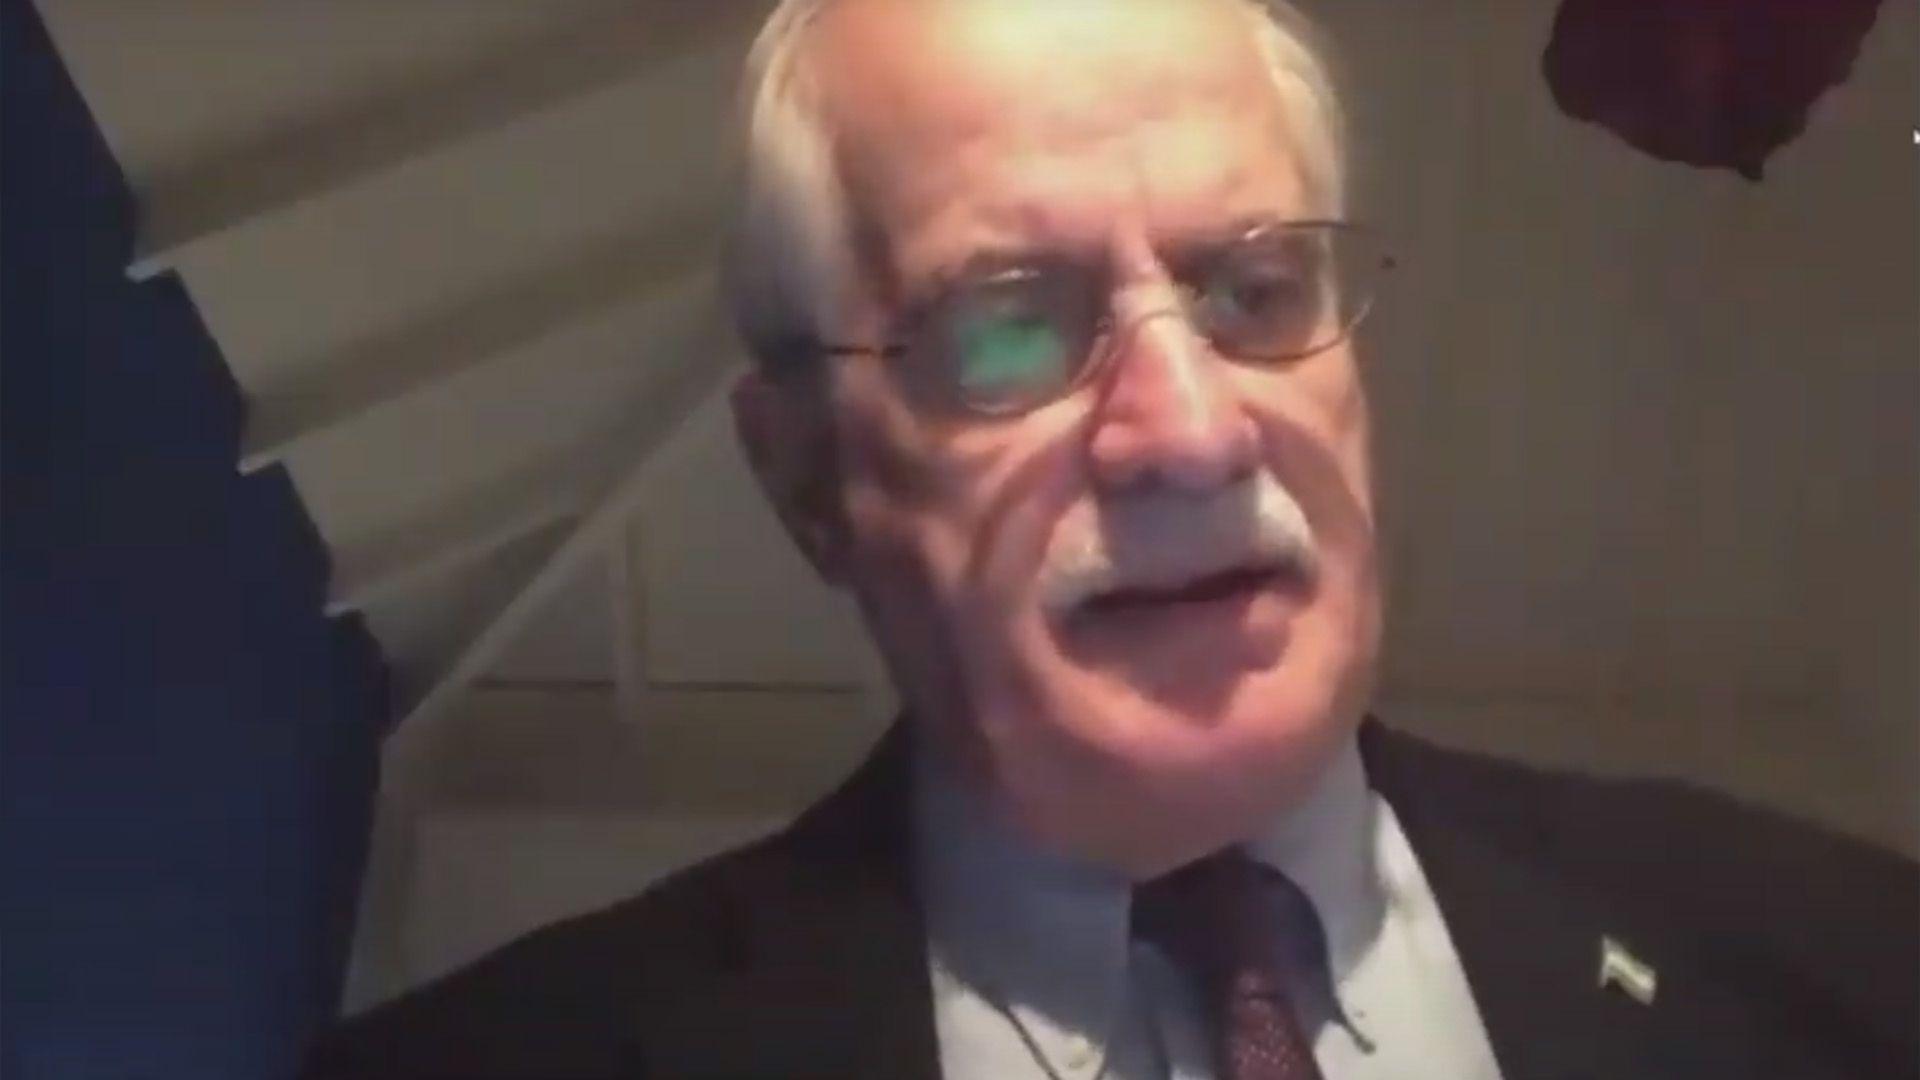 Malvinas, comisión de Relaciones Exteriores, informa Daniel Filmus taiana